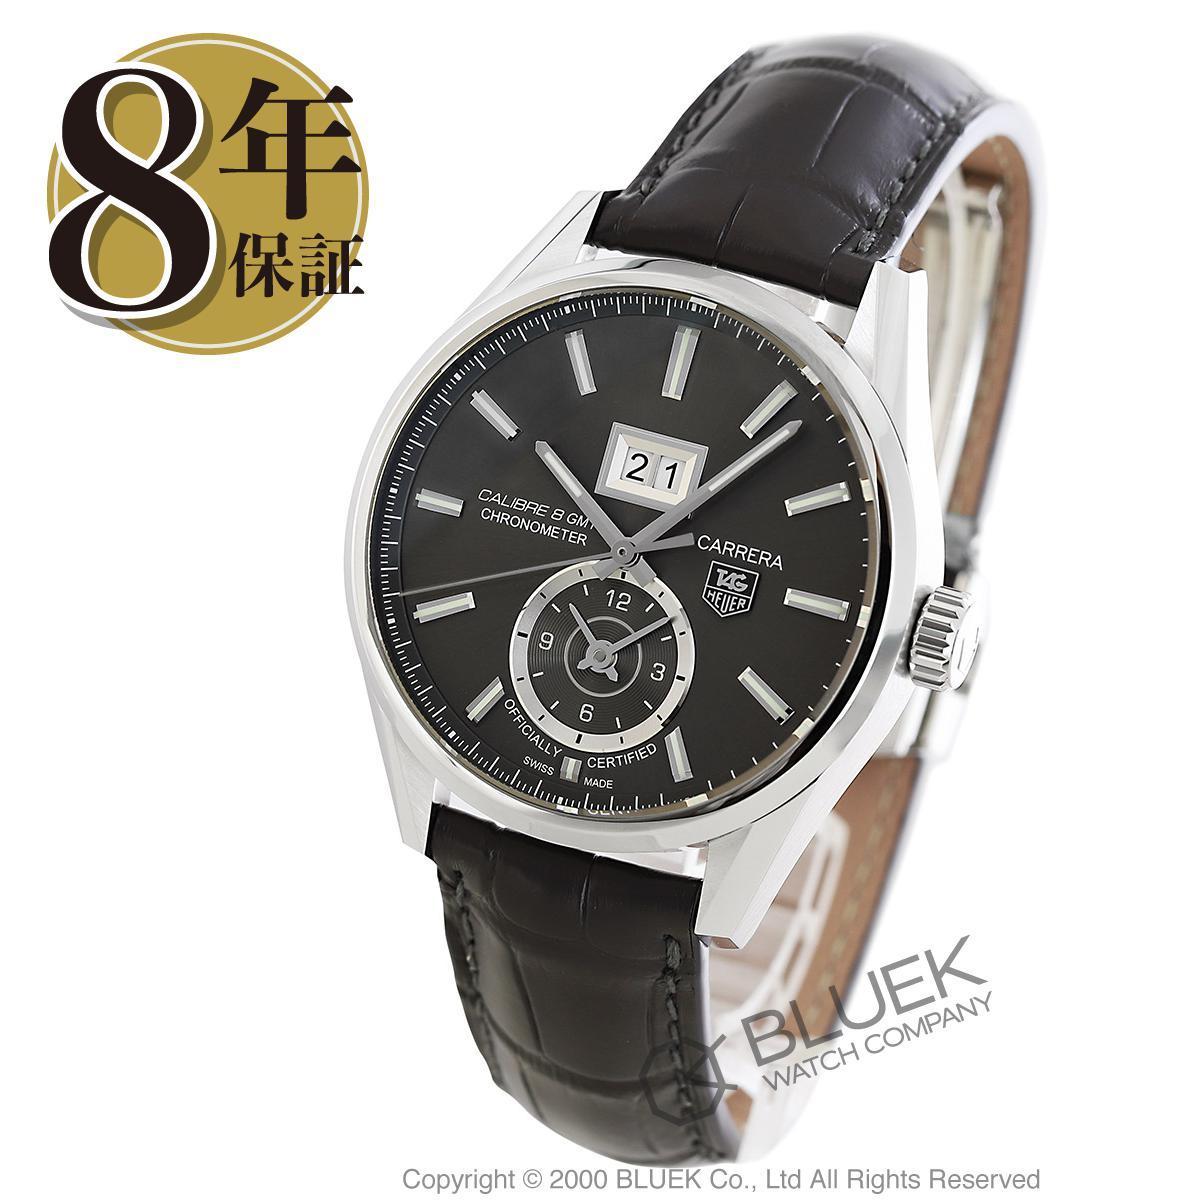 【最大3万円割引クーポン 11/01~】タグホイヤー カレラ グランドデイト GMT アリゲーターレザー 腕時計 メンズ TAG Heuer WAR5012.FC6326_8